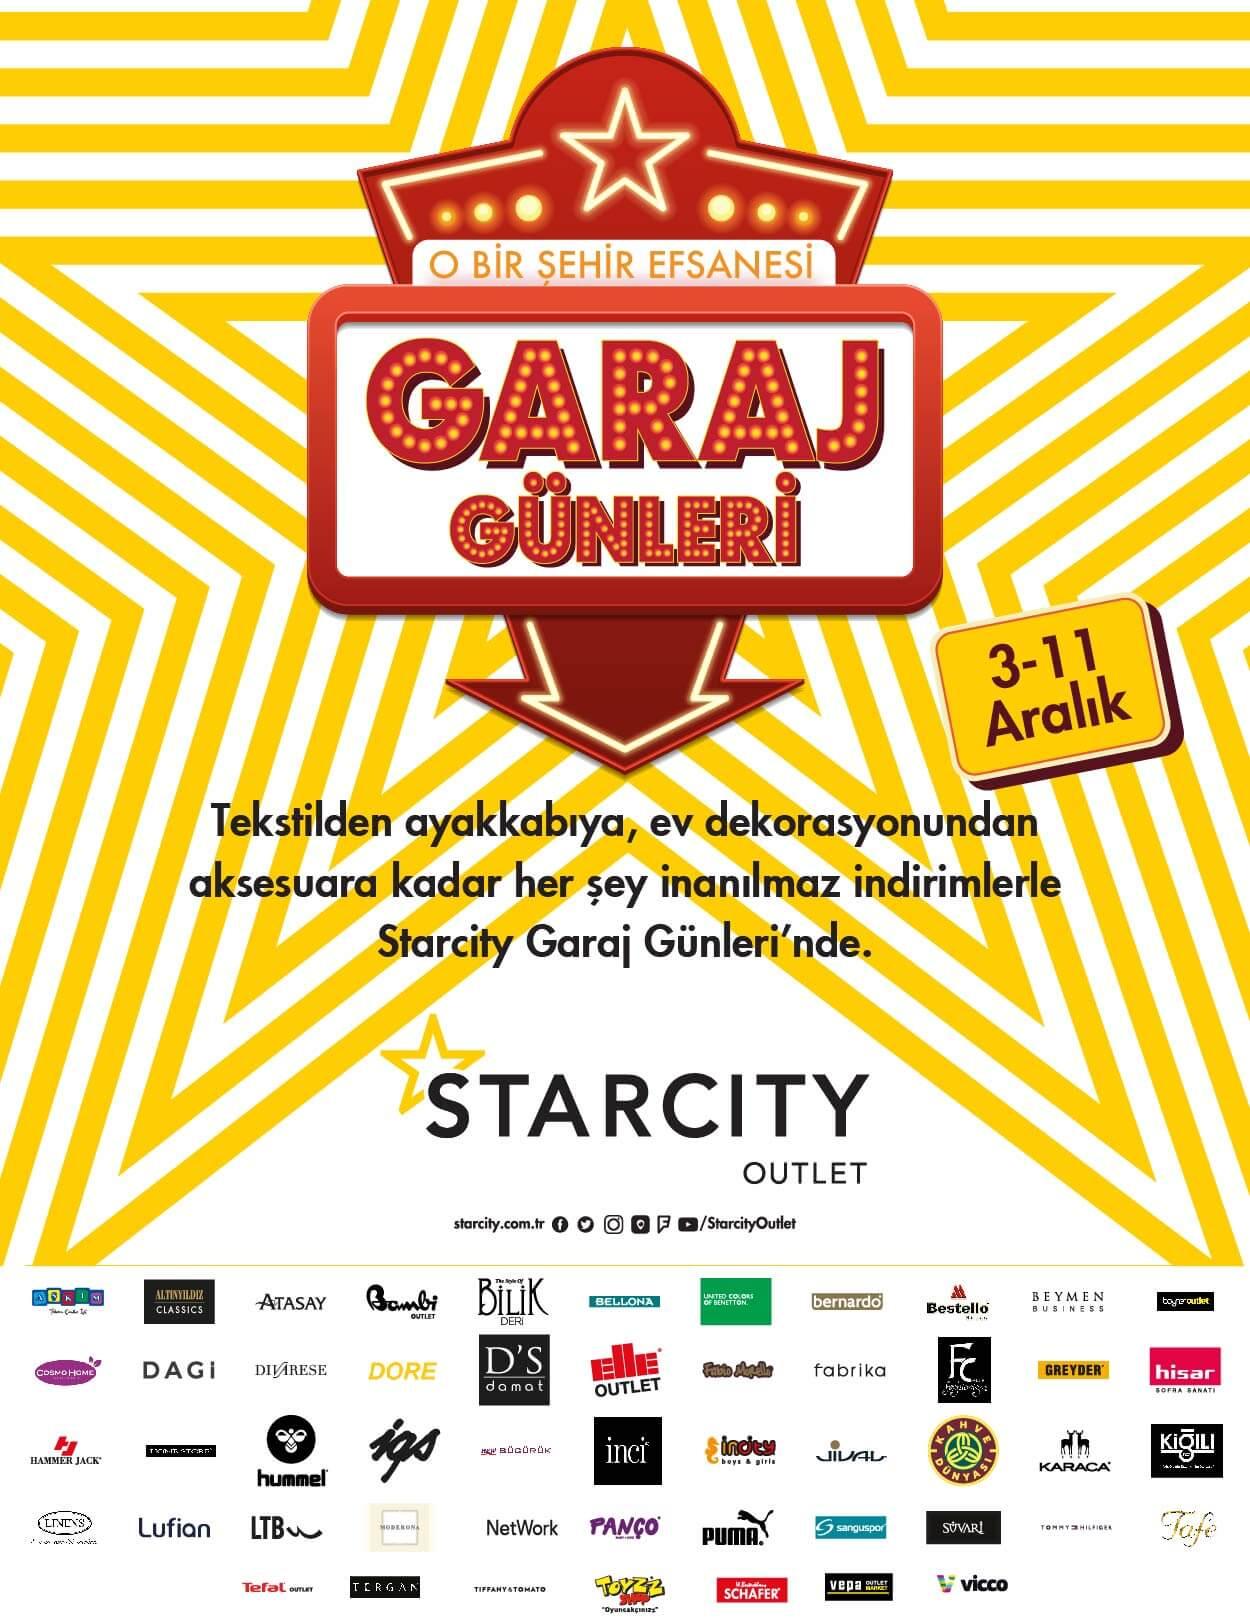 Garaj Günleri 3-11 Aralık